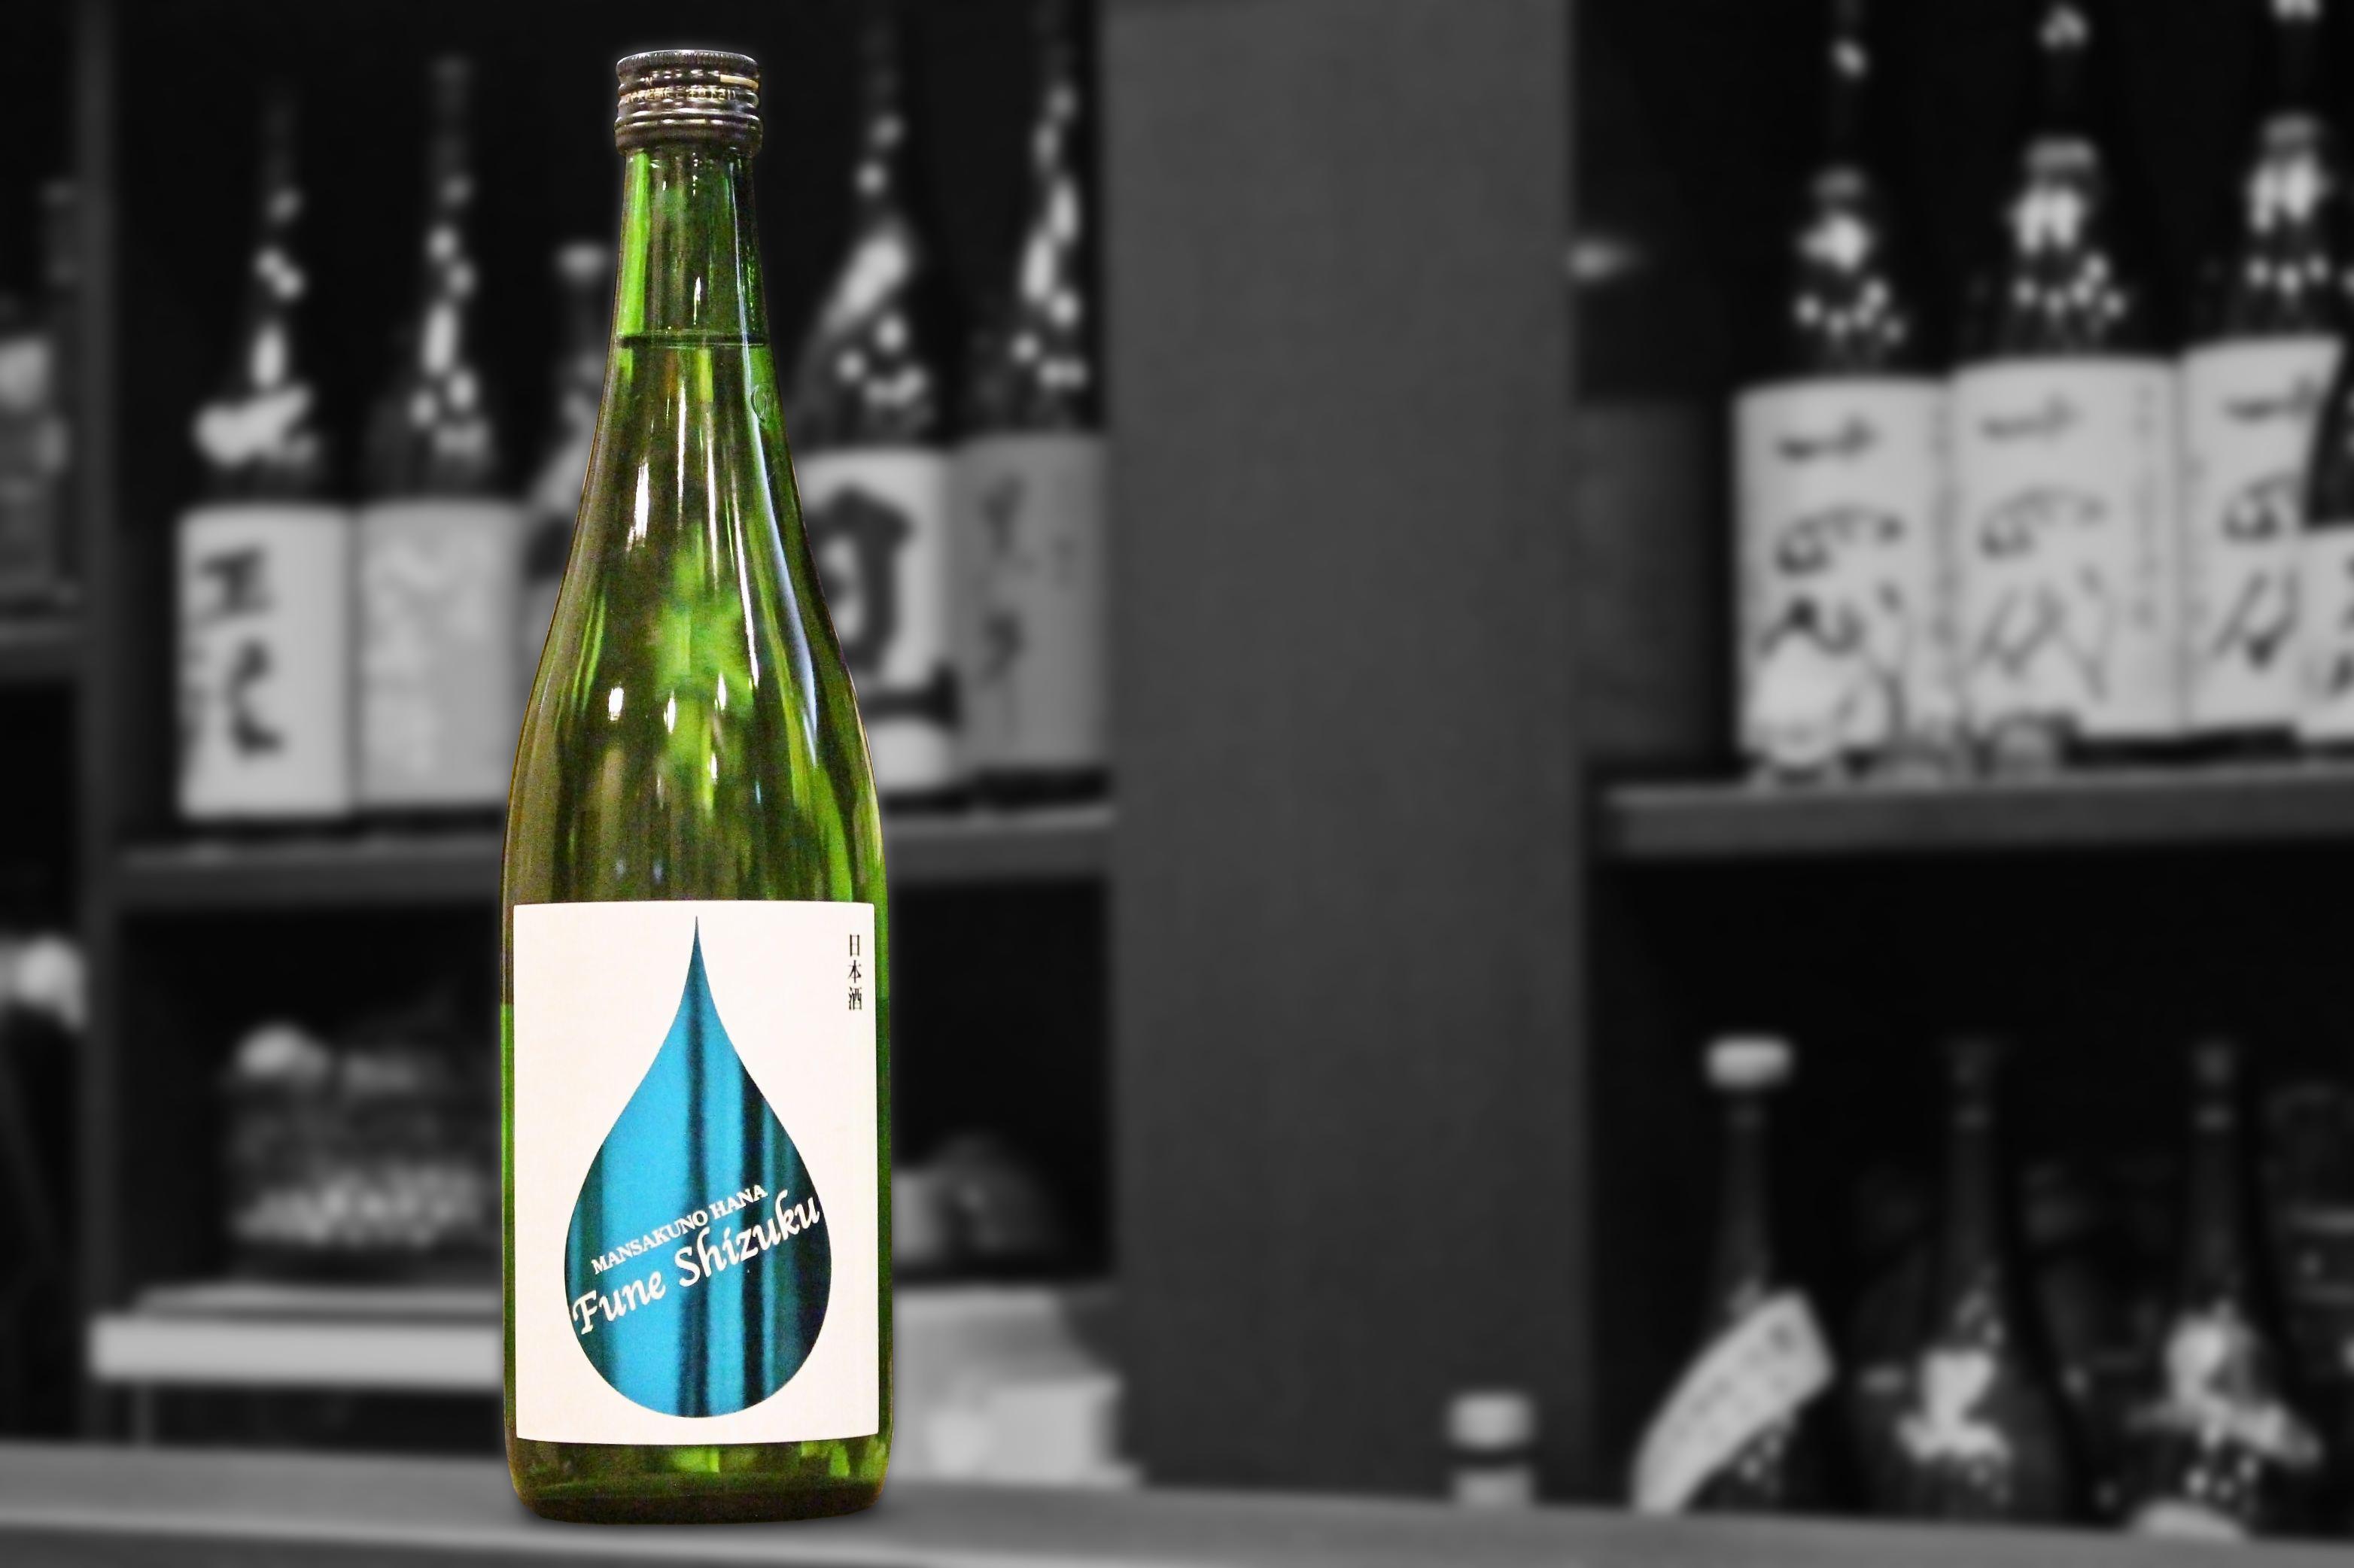 まんさくの花槽しずく純米吟醸生原酒202011-001